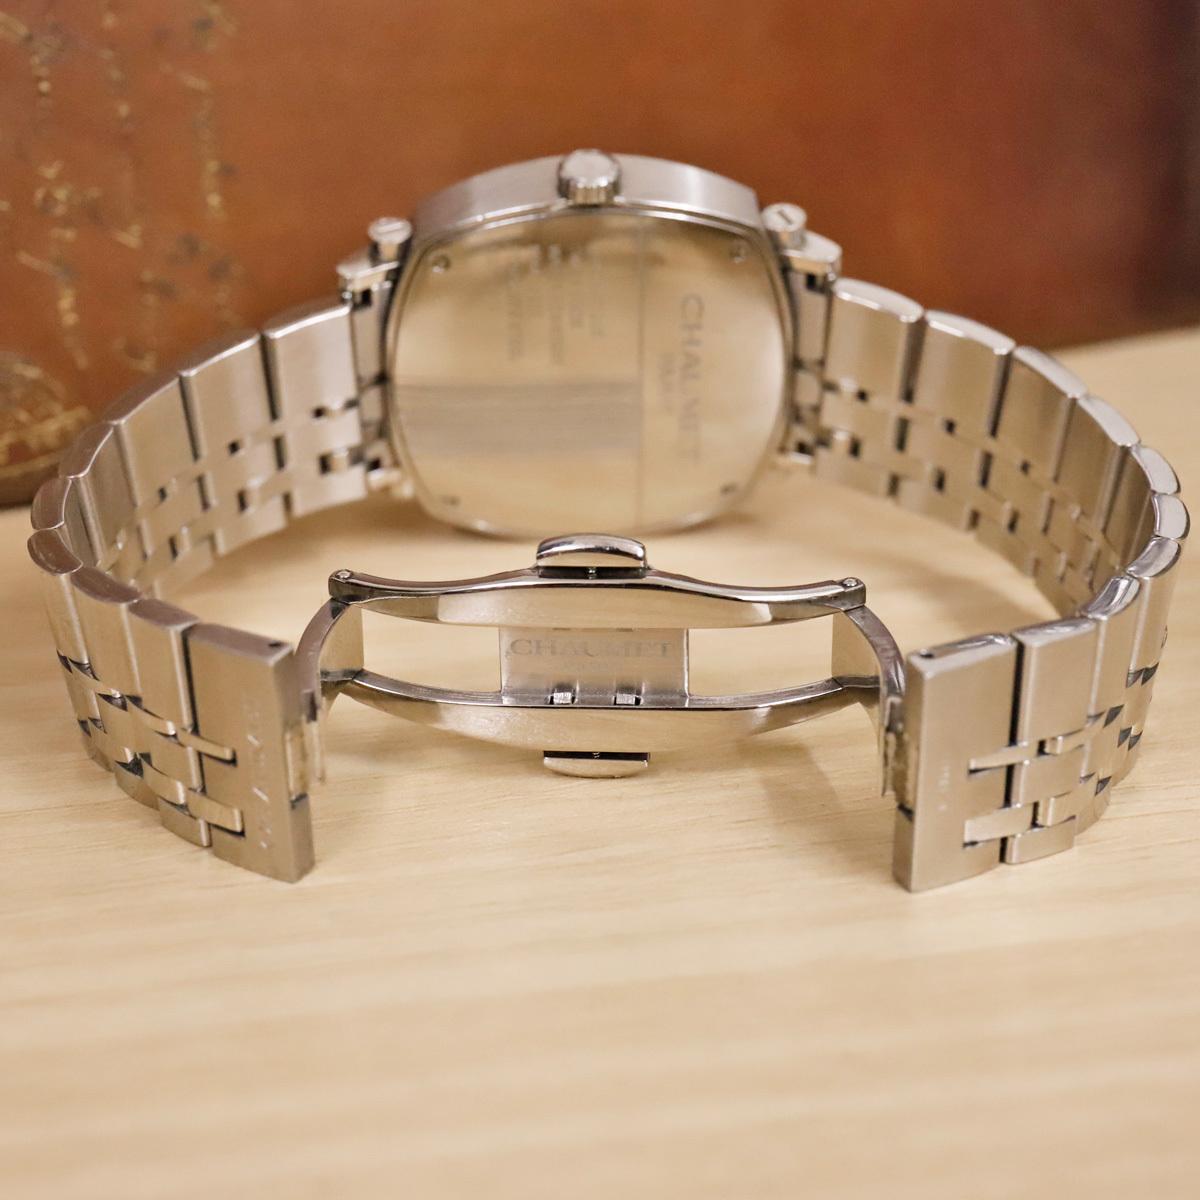 本物 ショーメ 自動巻 ダンディ オートマチック メンズ 純正メタルブレスレットモデル 機械式時計 スイス製 正規品 CHAUMET_画像6